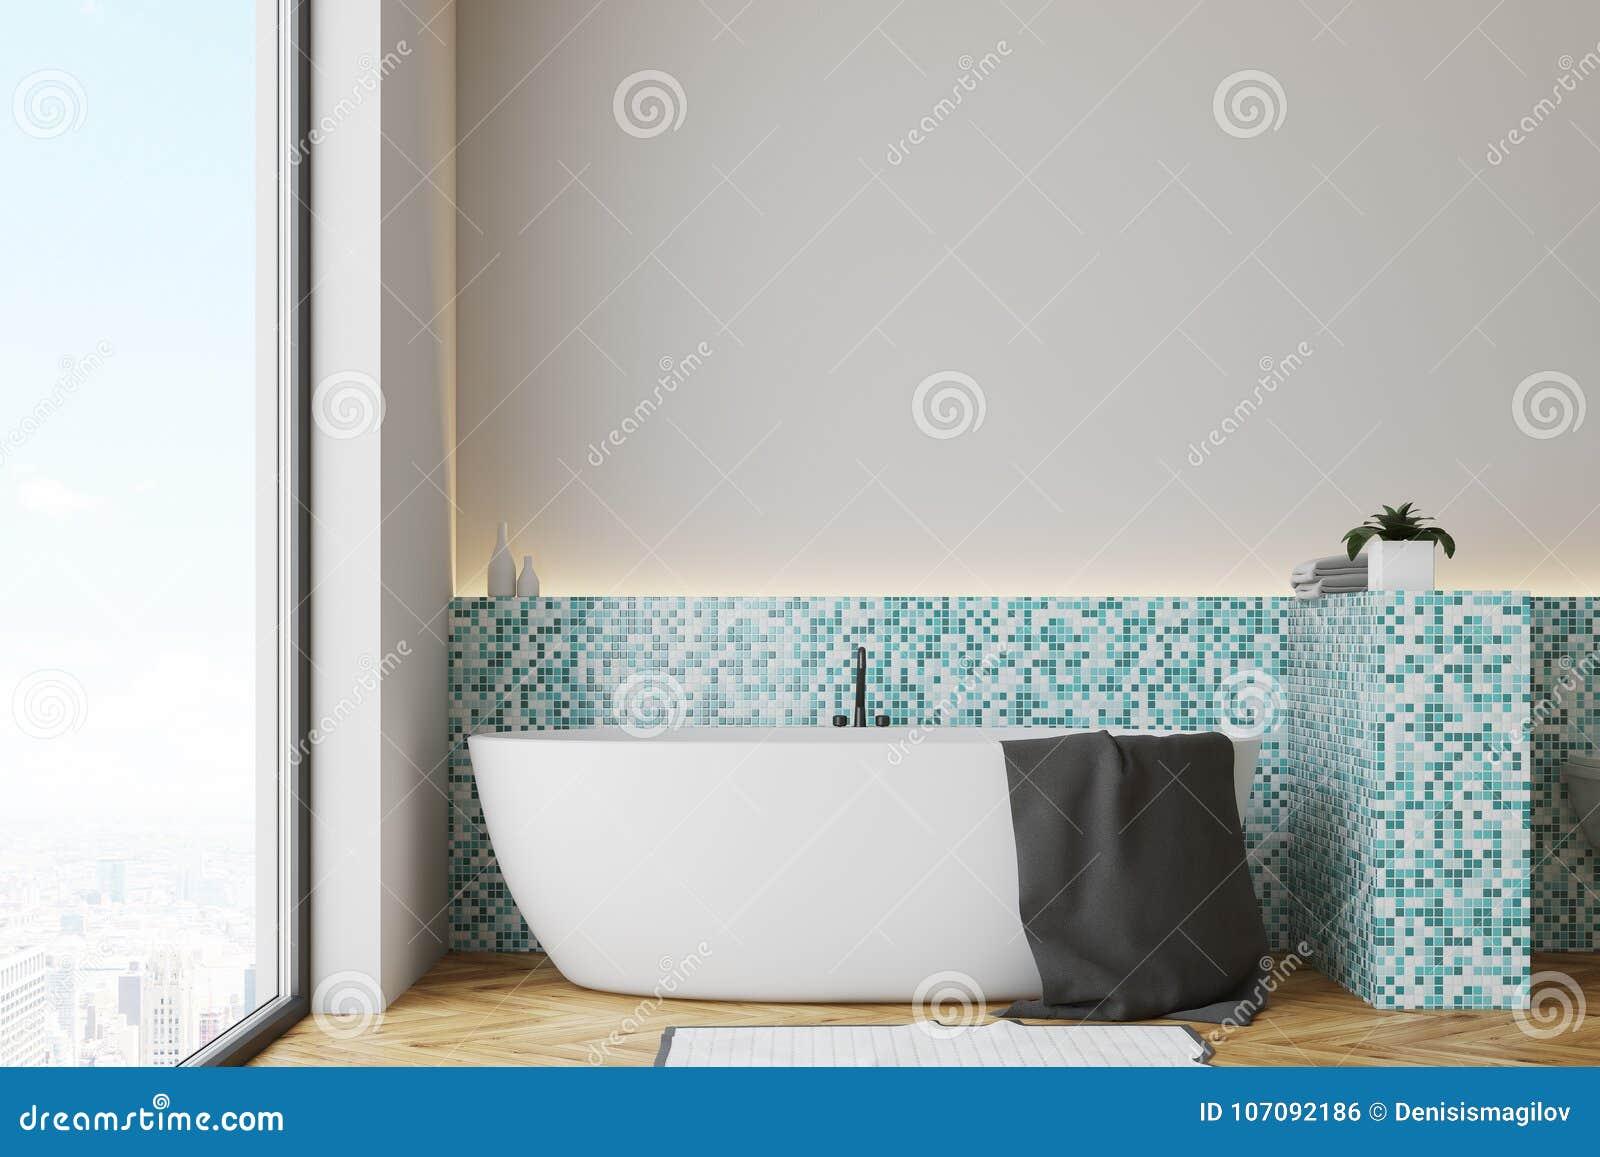 Green Tile Bathroom, White Tub Stock Illustration - Illustration of ...